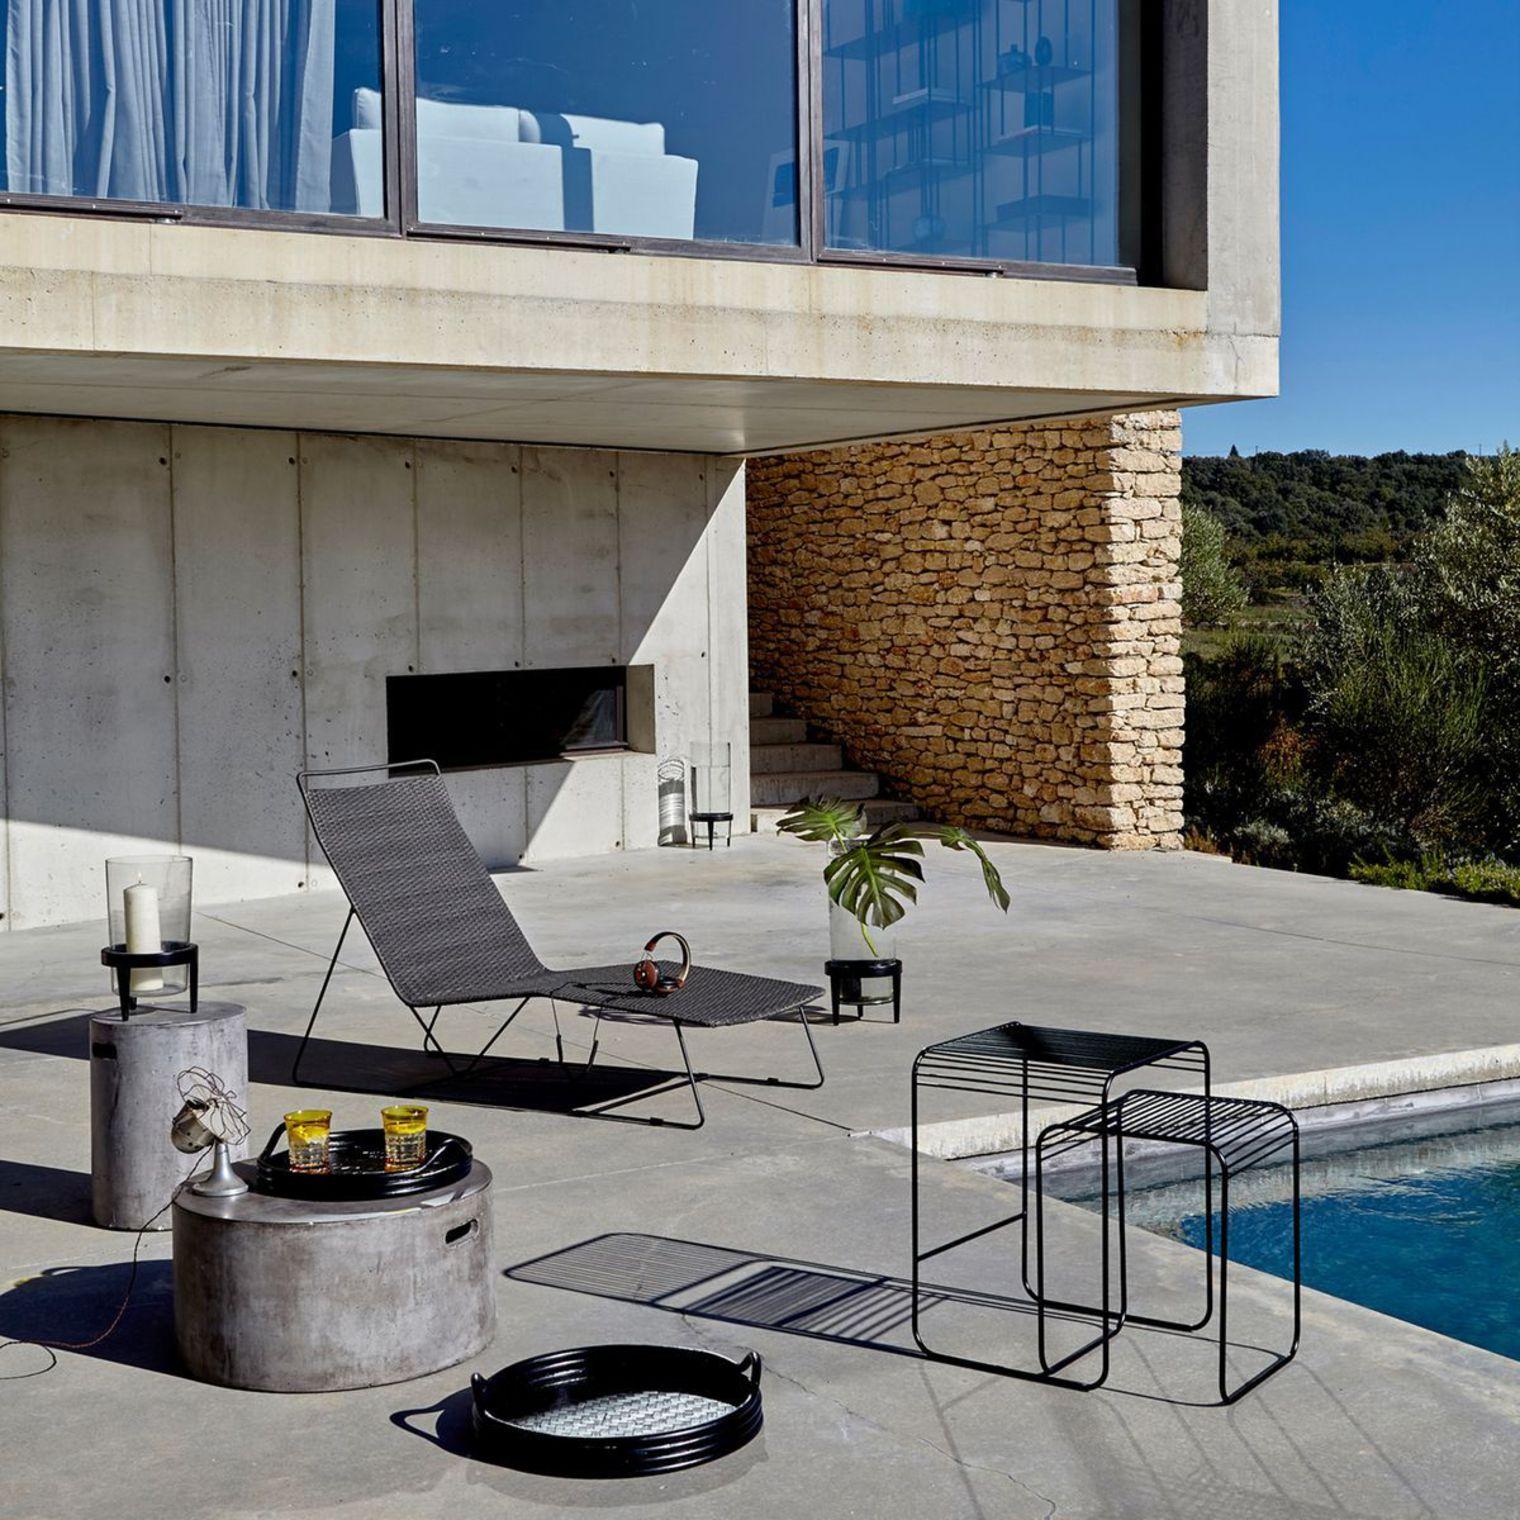 15 transats ou chaises longues design poser au bord de la piscine - Transat piscine design ...